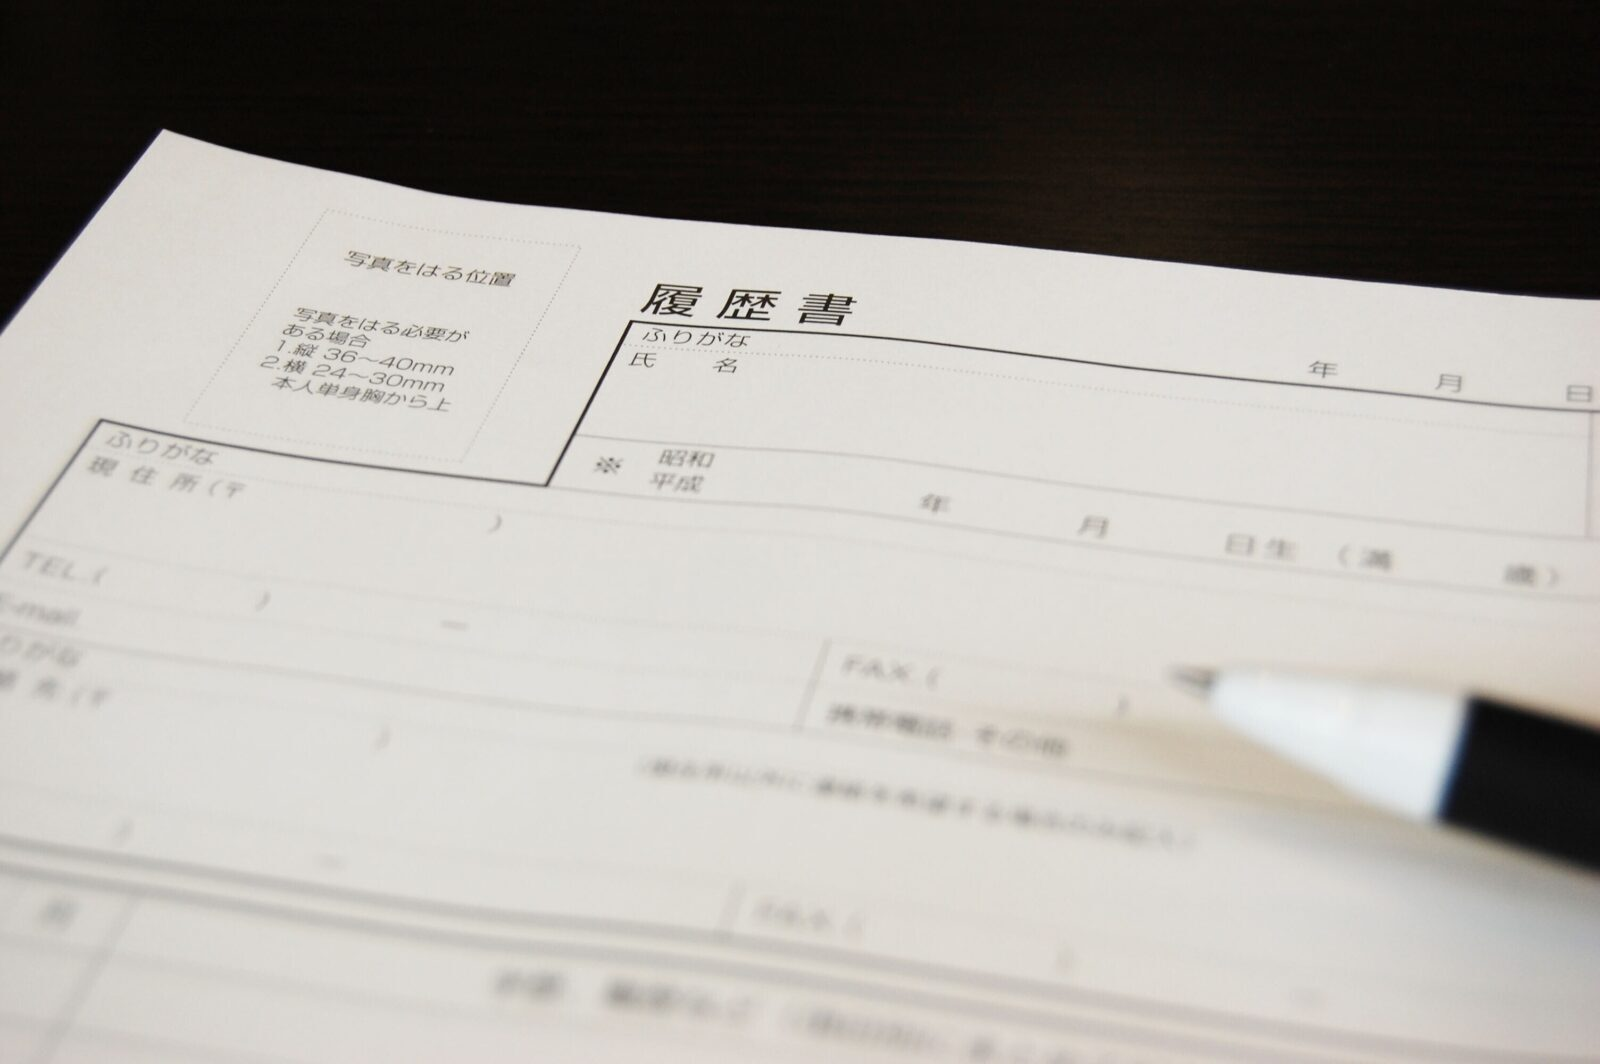 学歴 平成 生まれ 12 年